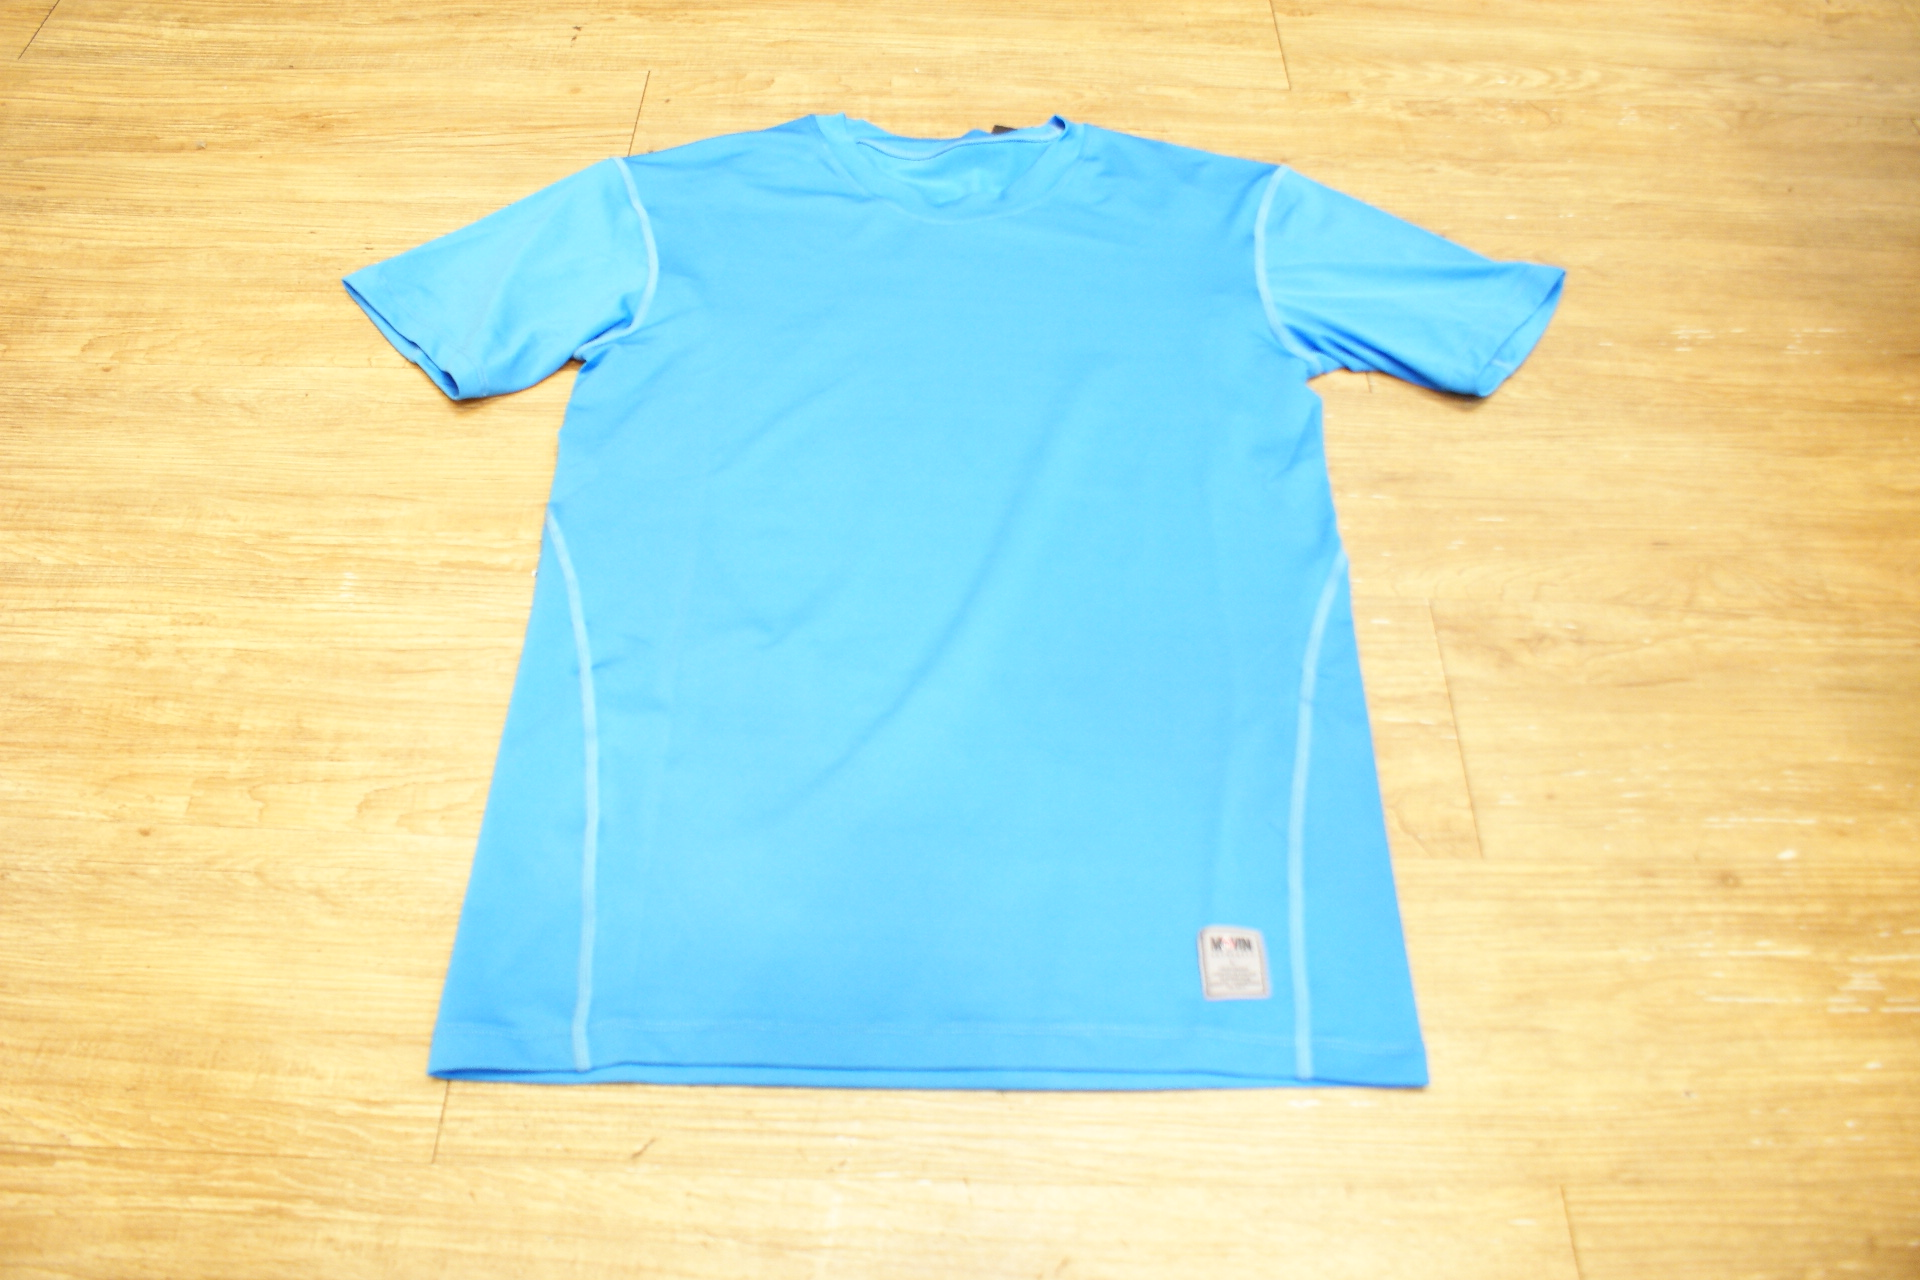 棒球世界 全新MOVIN PRO 短袖緊身衣 淺藍色款式 特價